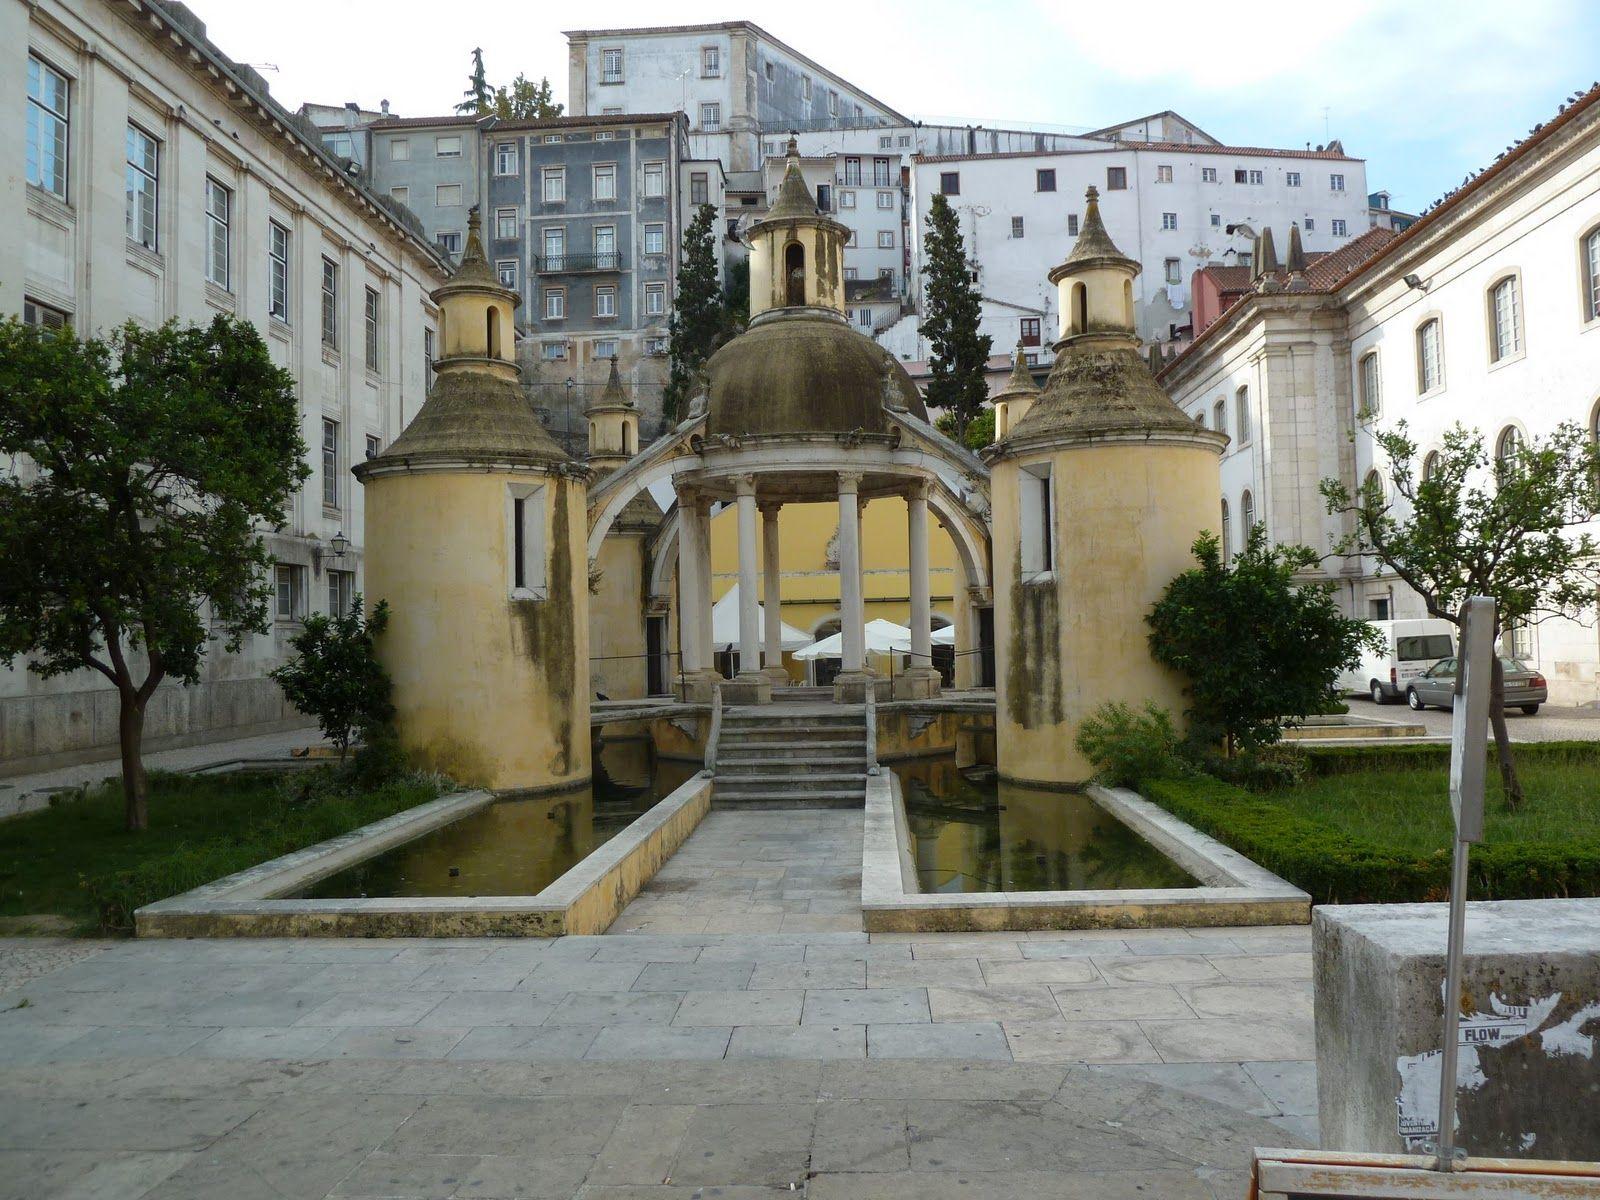 Praça da Manga, Coimbra